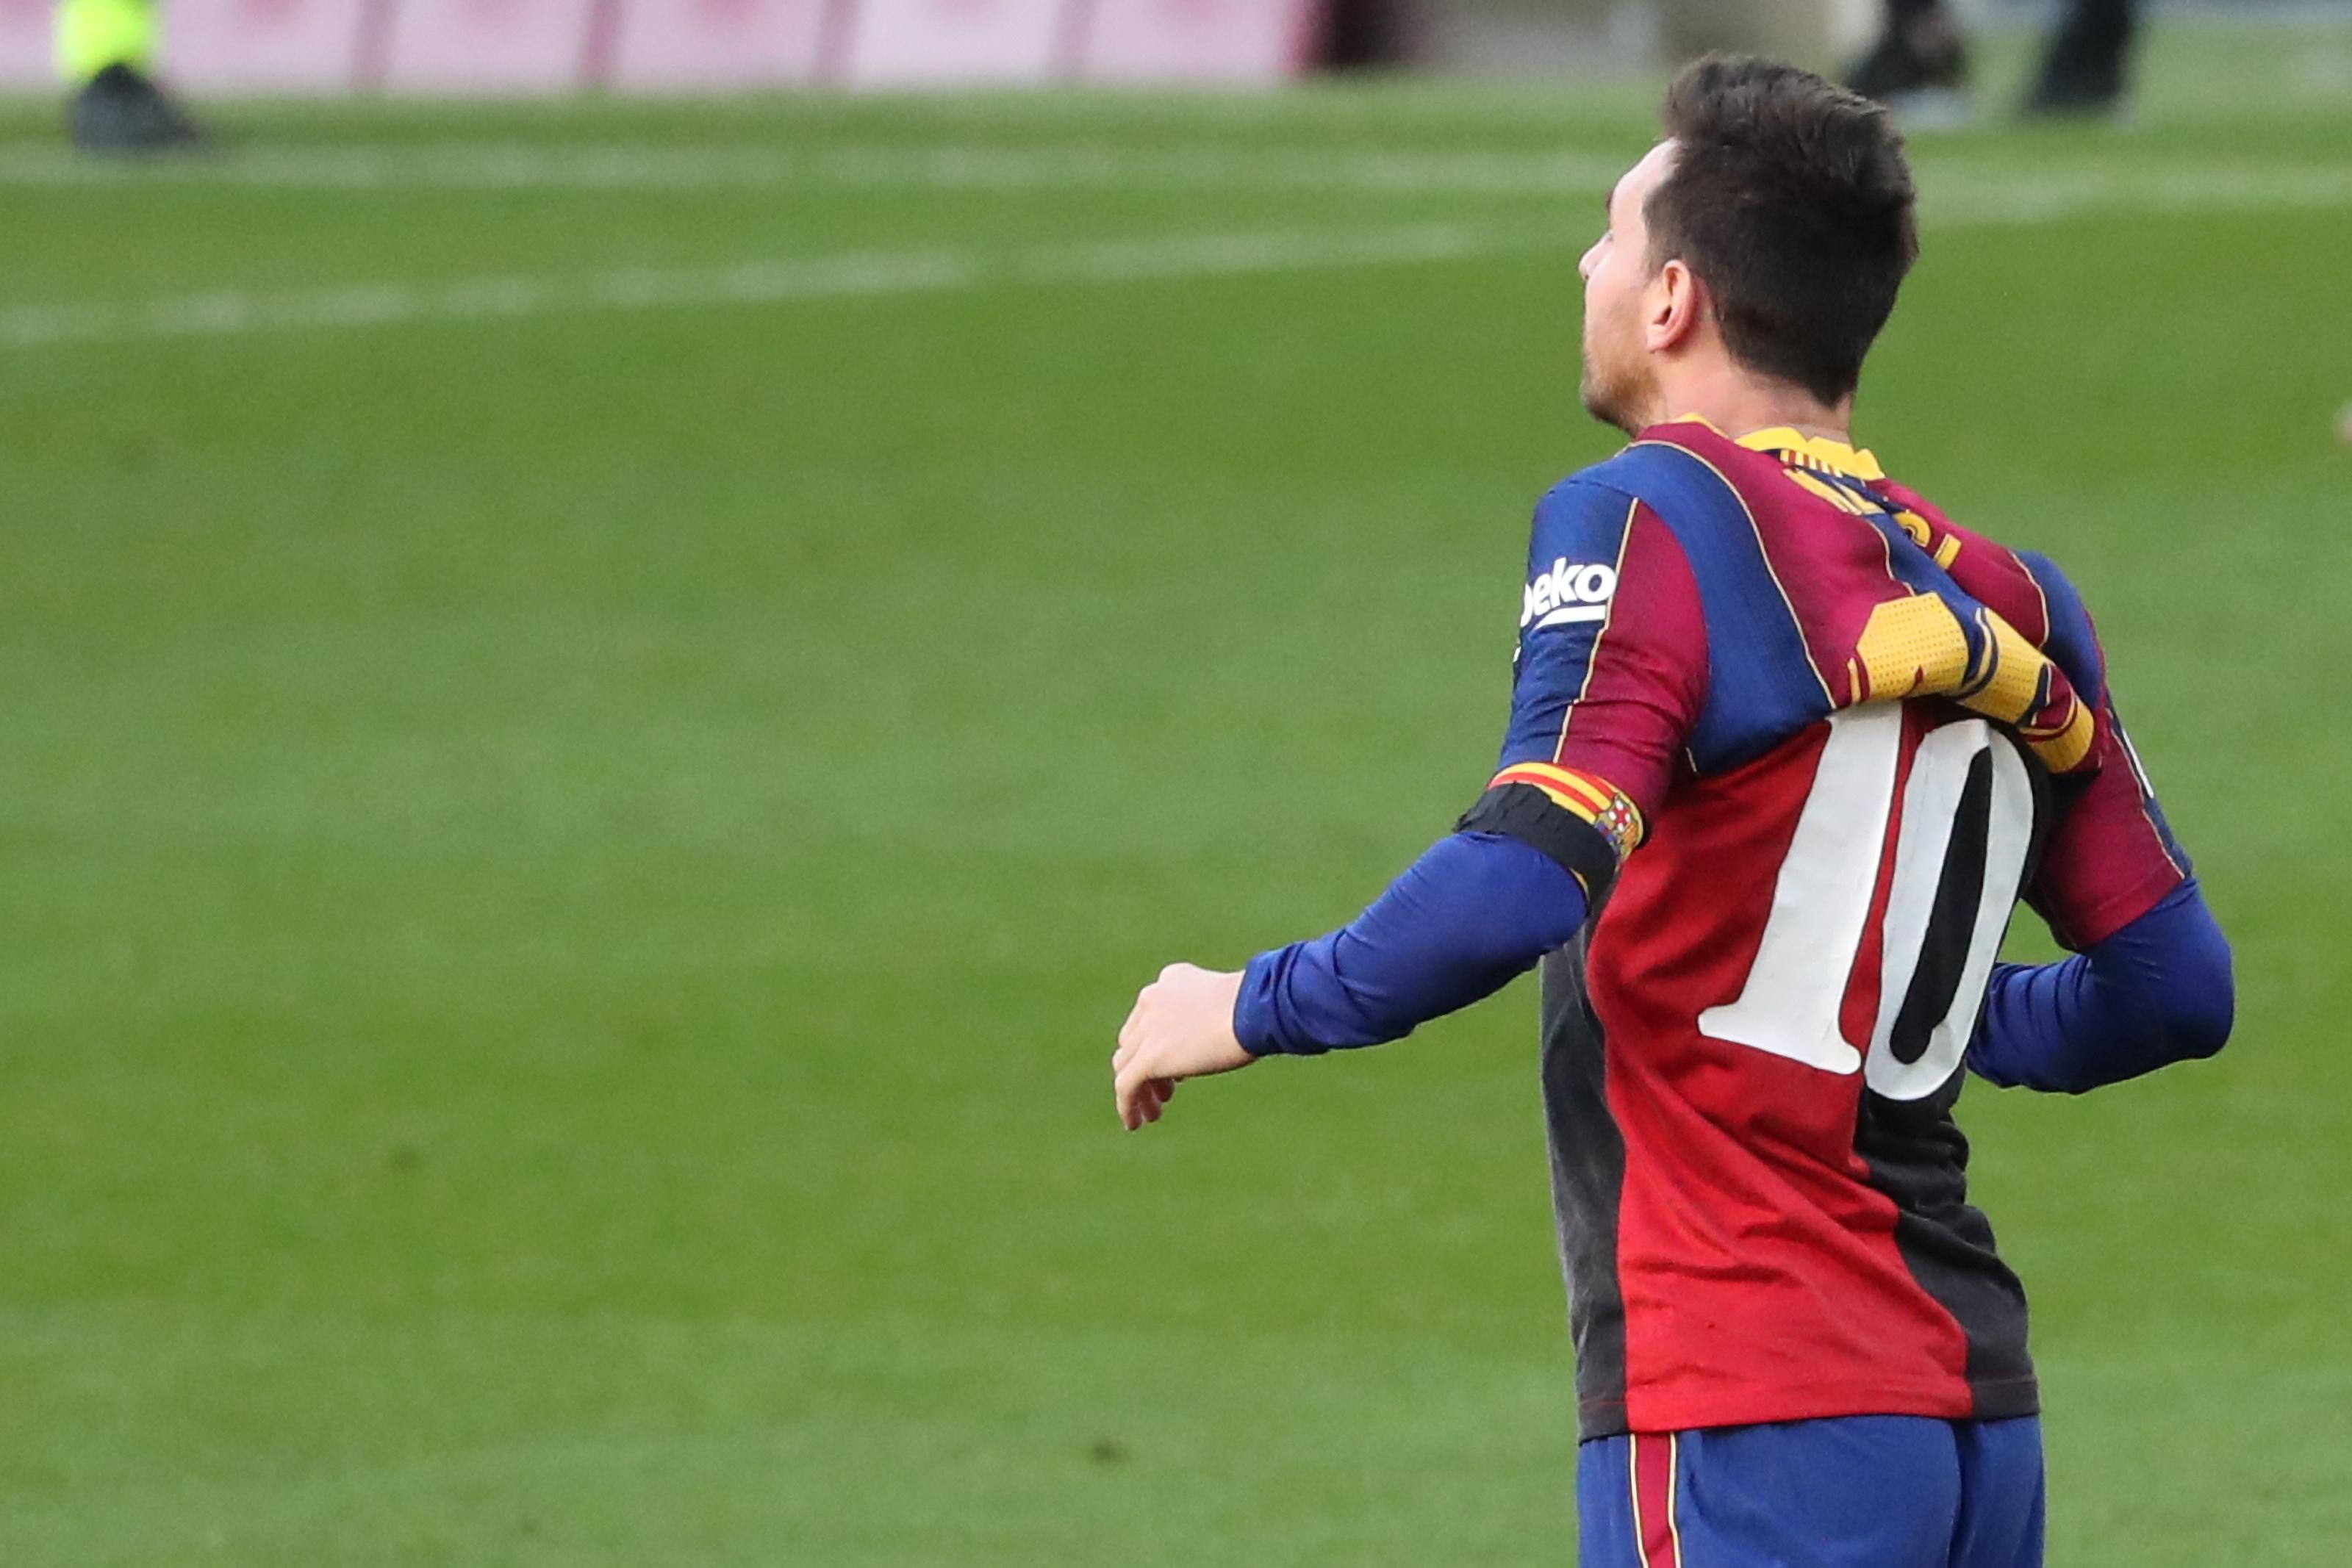 Messi 600 eurós büntetést kapott, mert a mezével emlékezett Maradonára